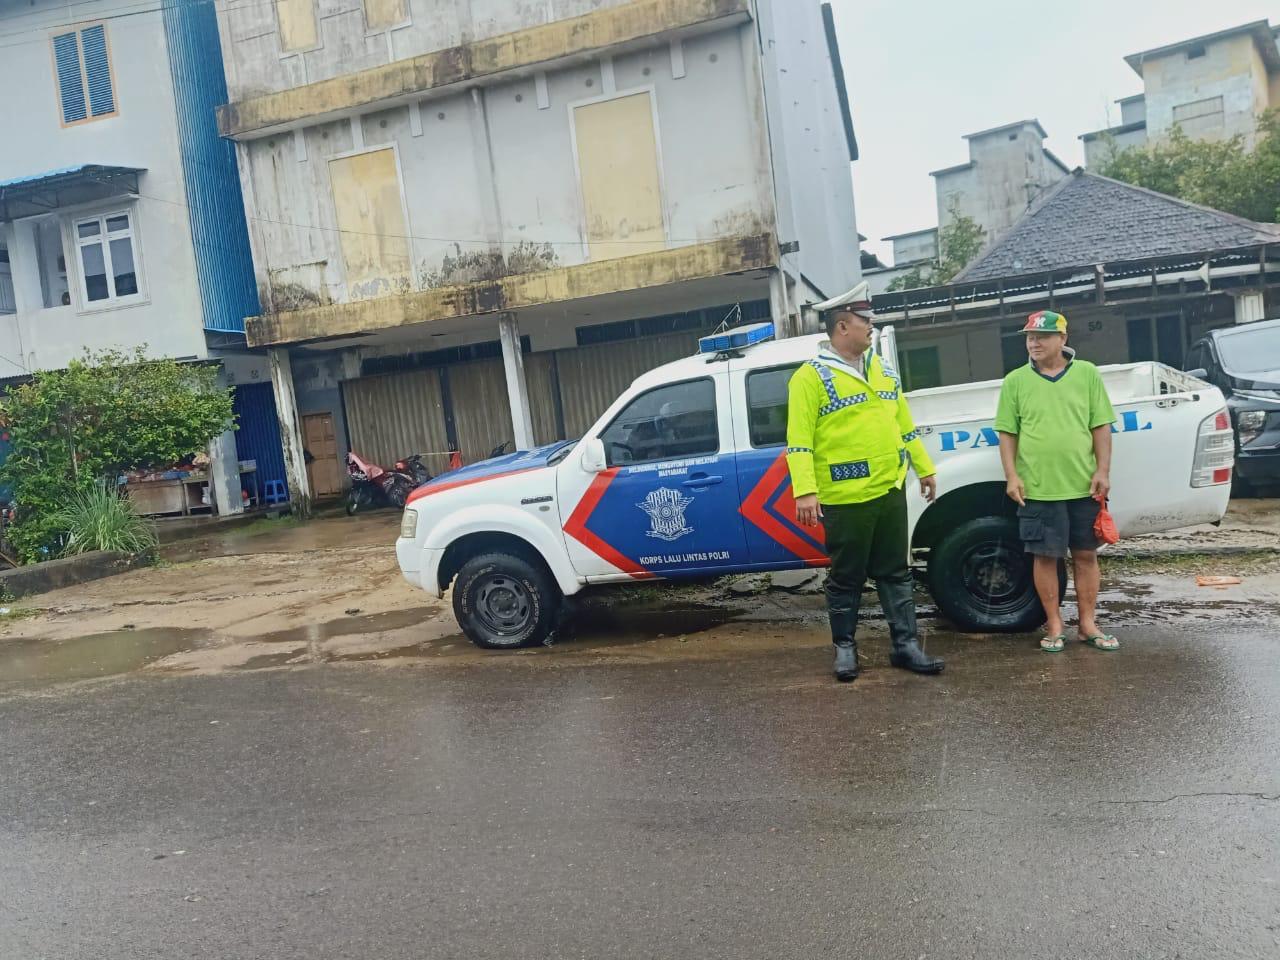 Patroli Satlantas Polres Ketapaang Meberikan Pelayanan Prima Meski Hujan Tetap Mengguyur